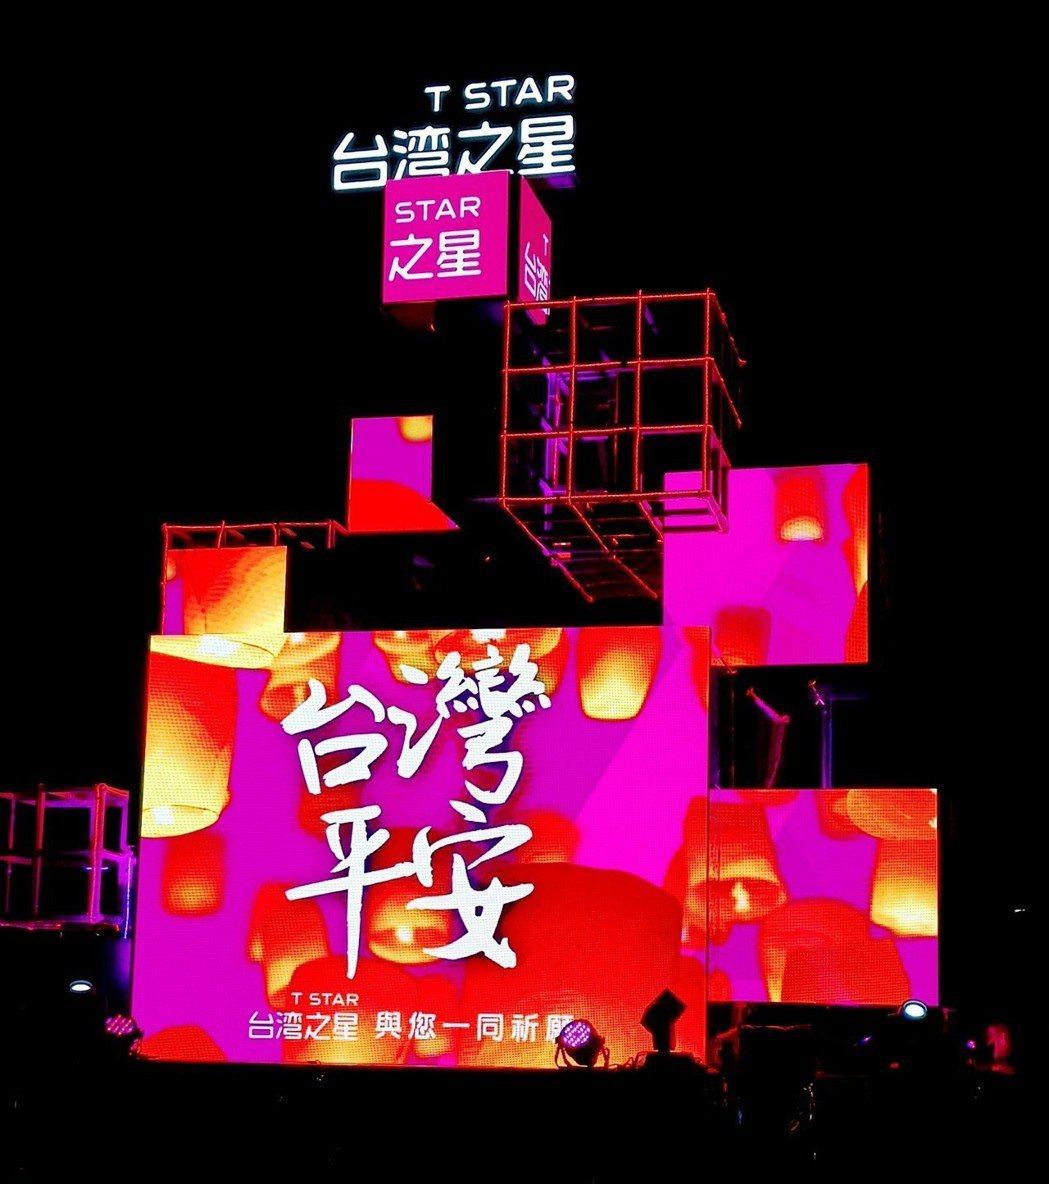 台灣之星品牌主燈於「企業燈區」打造超過三層樓高的大型互動絢麗主燈。台灣之星/提供